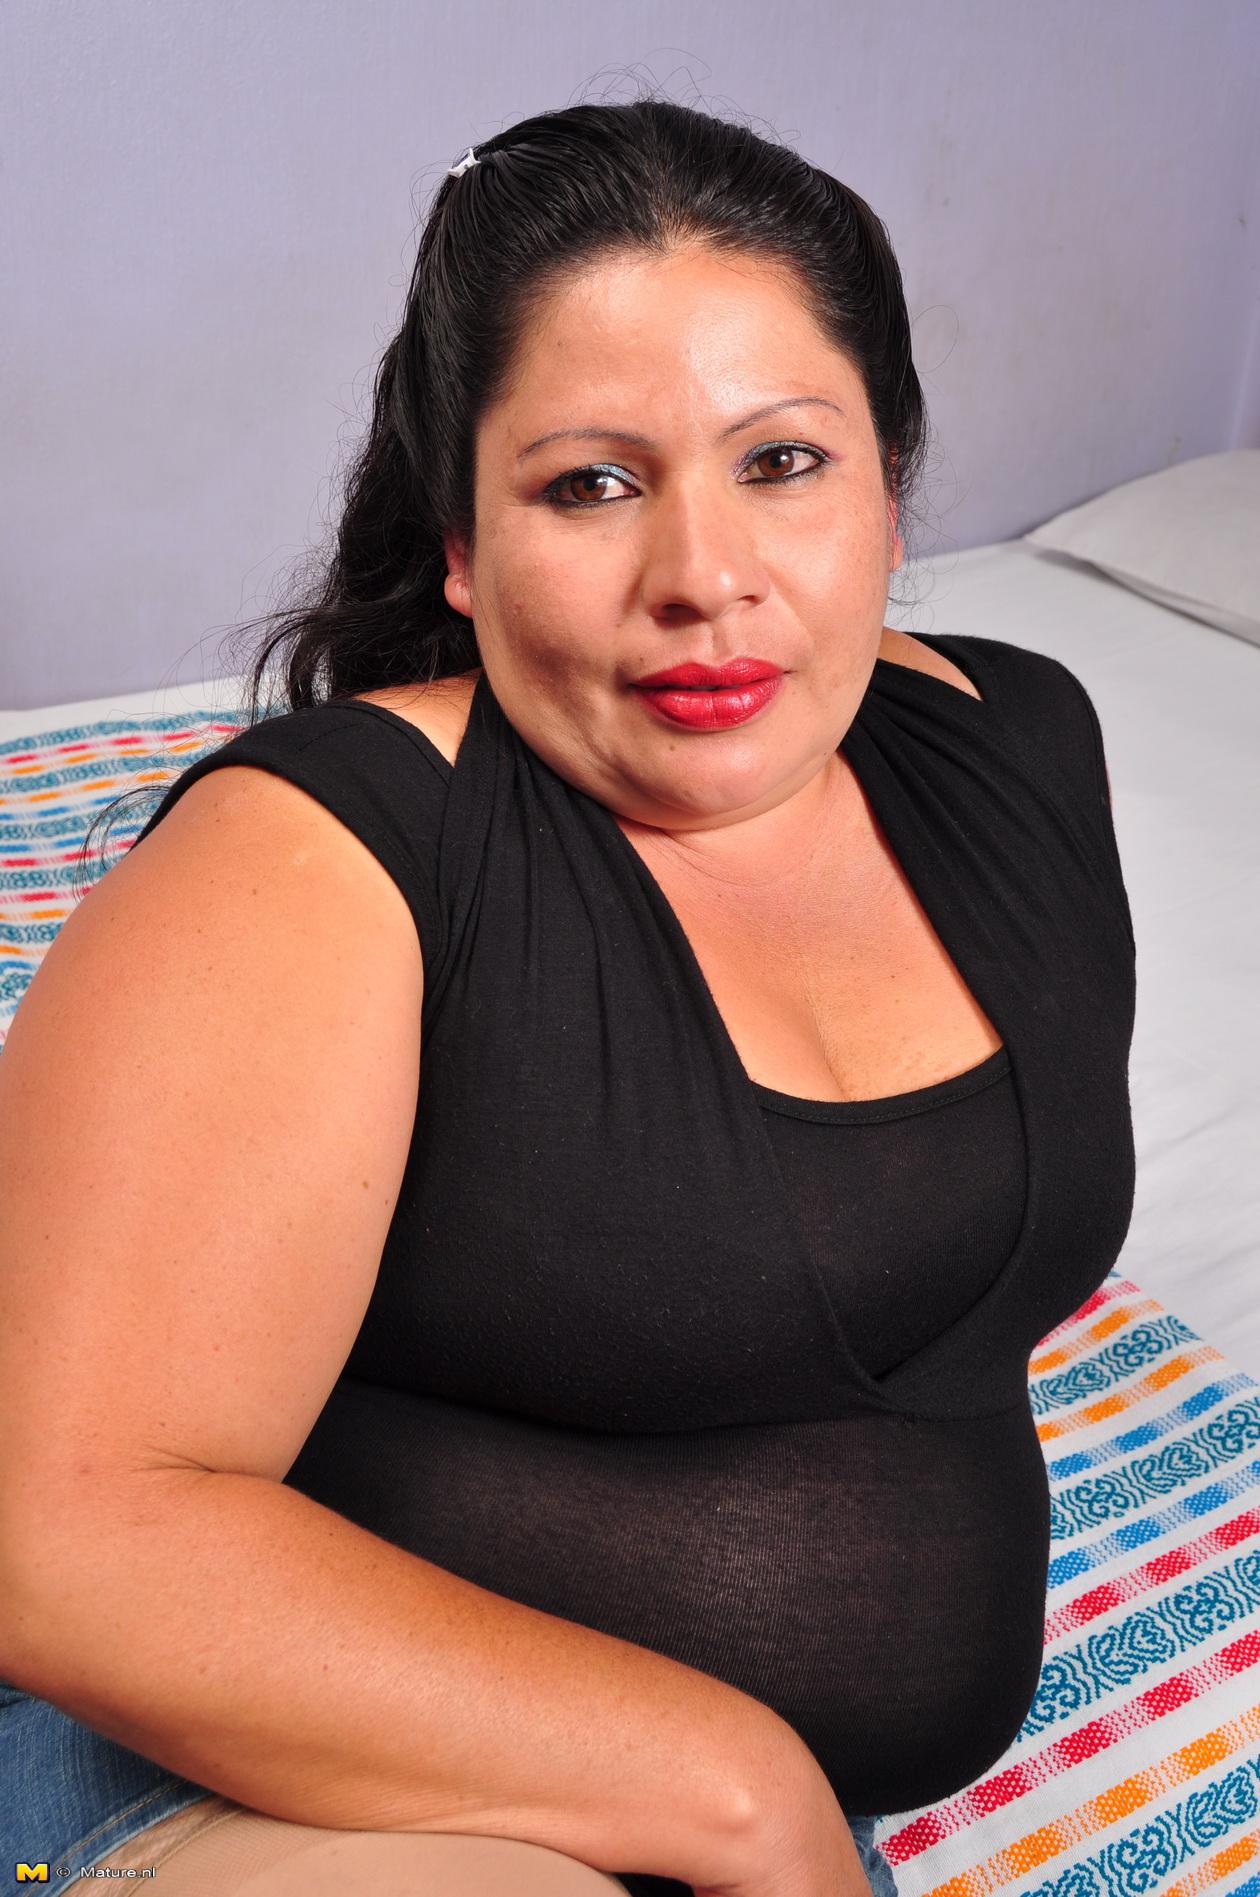 Mature Hairy Latina 49